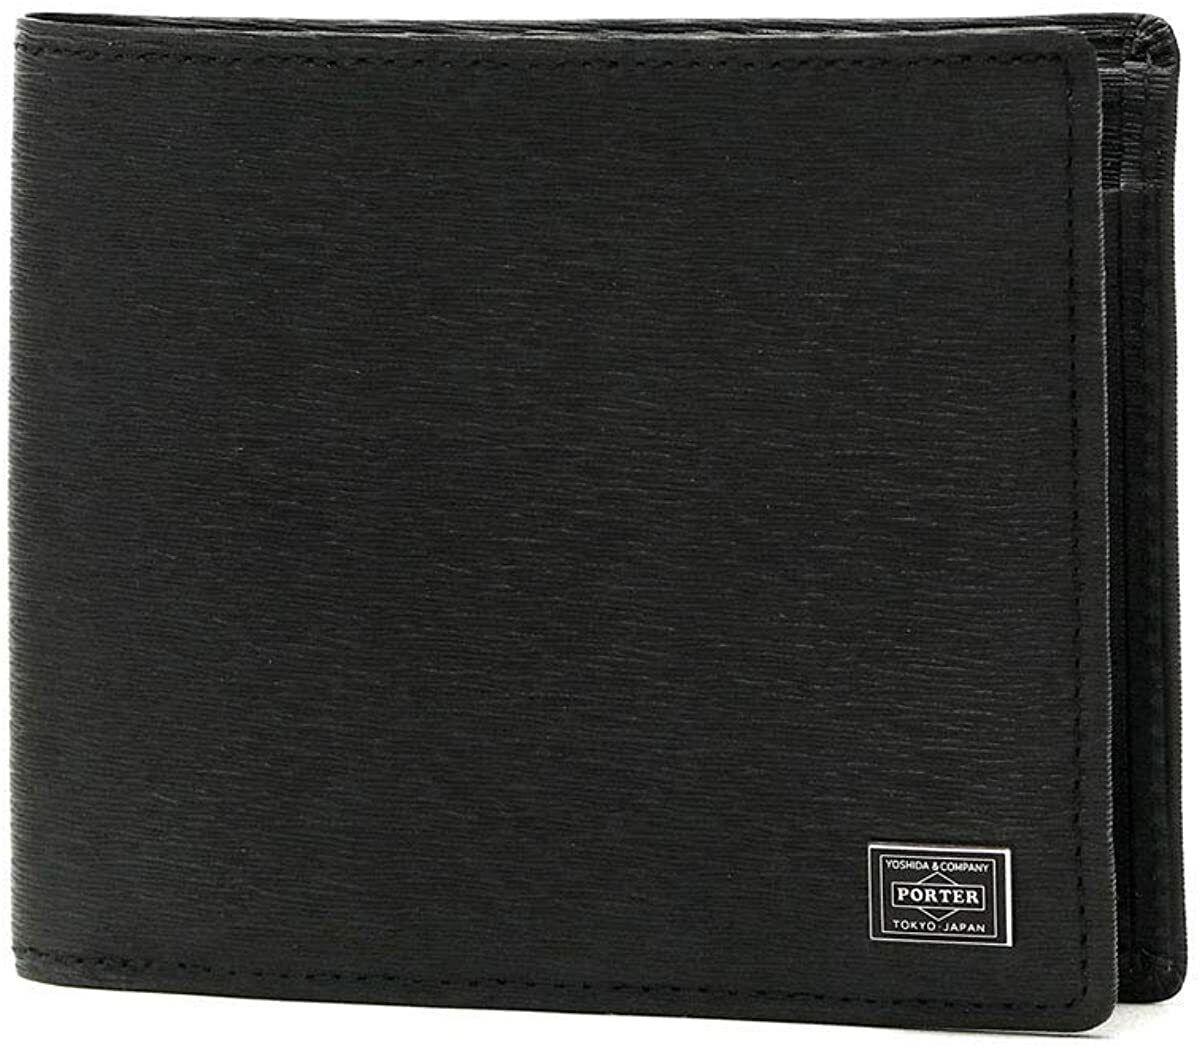 PORTER CURRENT Current Bi-Fold Wallet 052-02204 Black